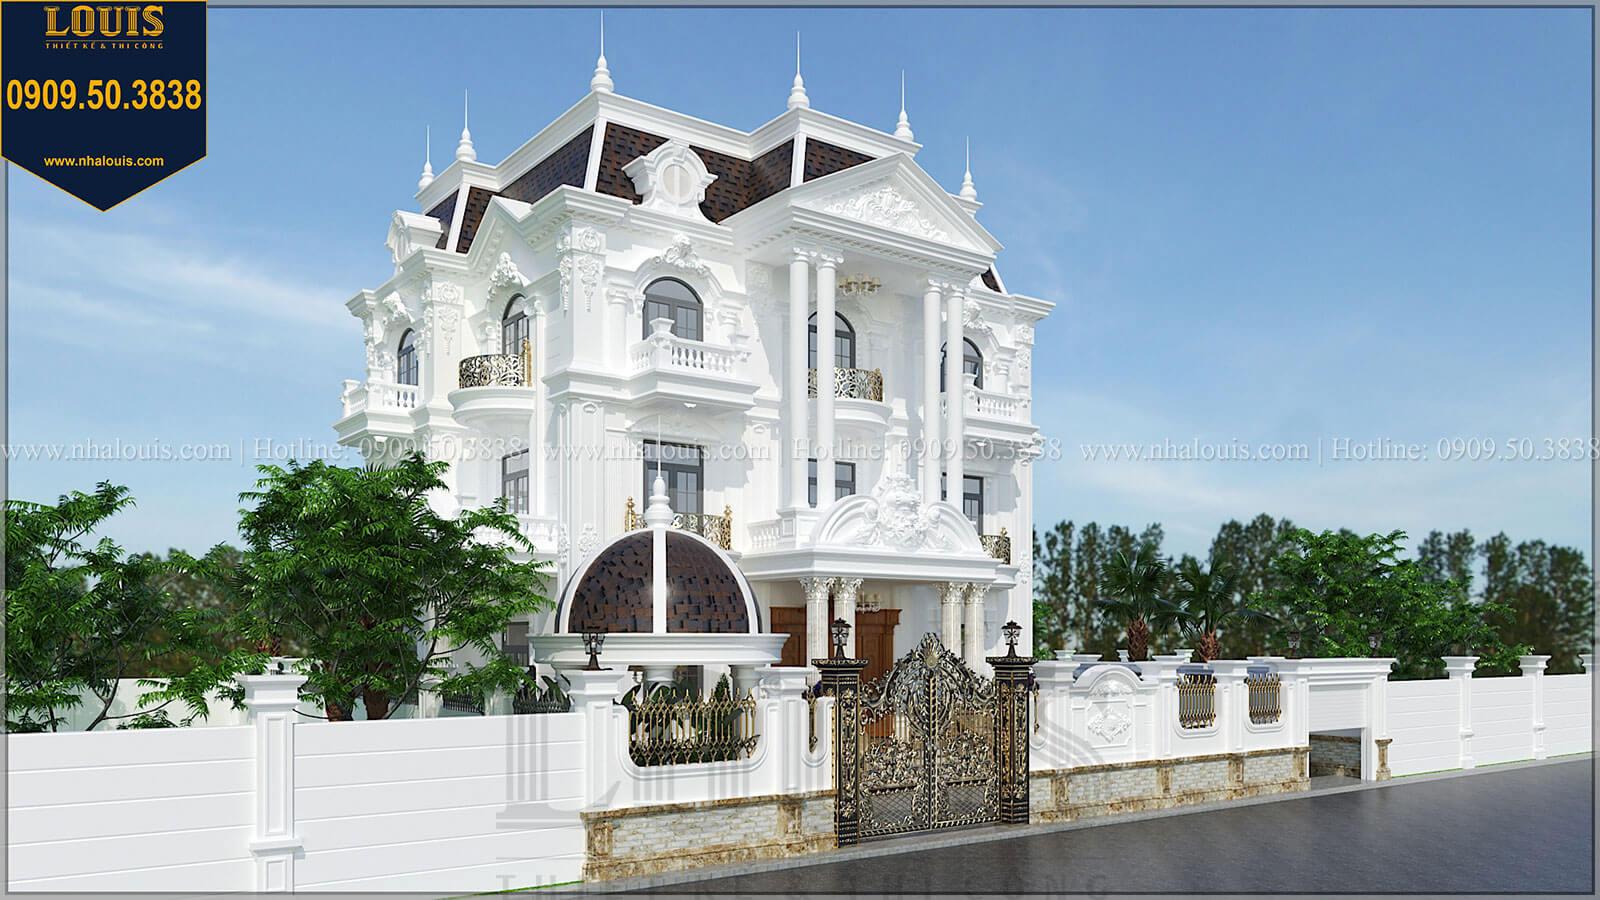 Mặt tiền Biệt thự đẹp 3 tầng phong cách cổ điển bề thế tại Quảng Ngãi - 02